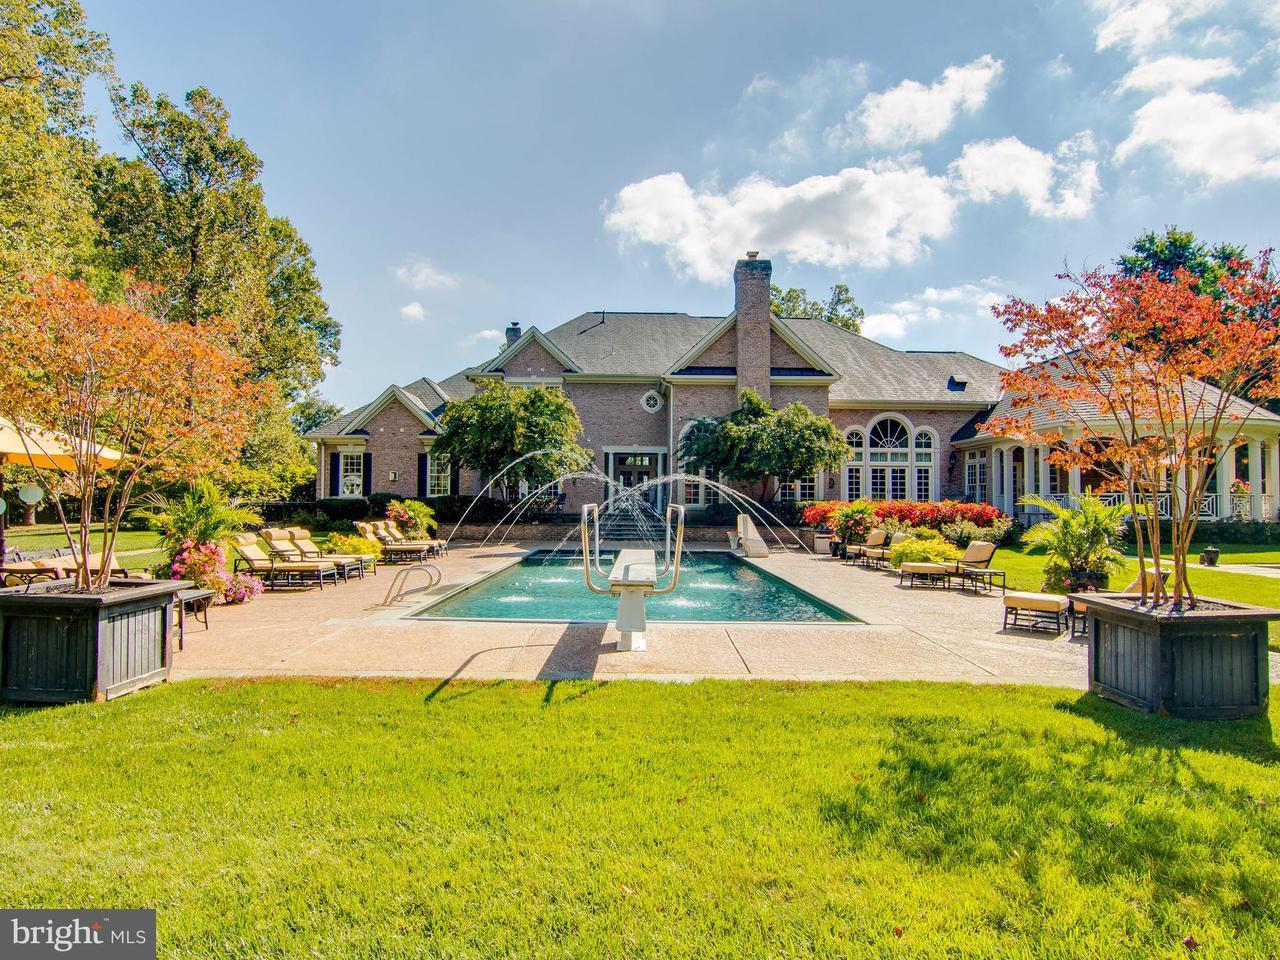 Частный односемейный дом для того Продажа на 12707 Maryvale Court 12707 Maryvale Court Ellicott City, Мэриленд 21042 Соединенные Штаты